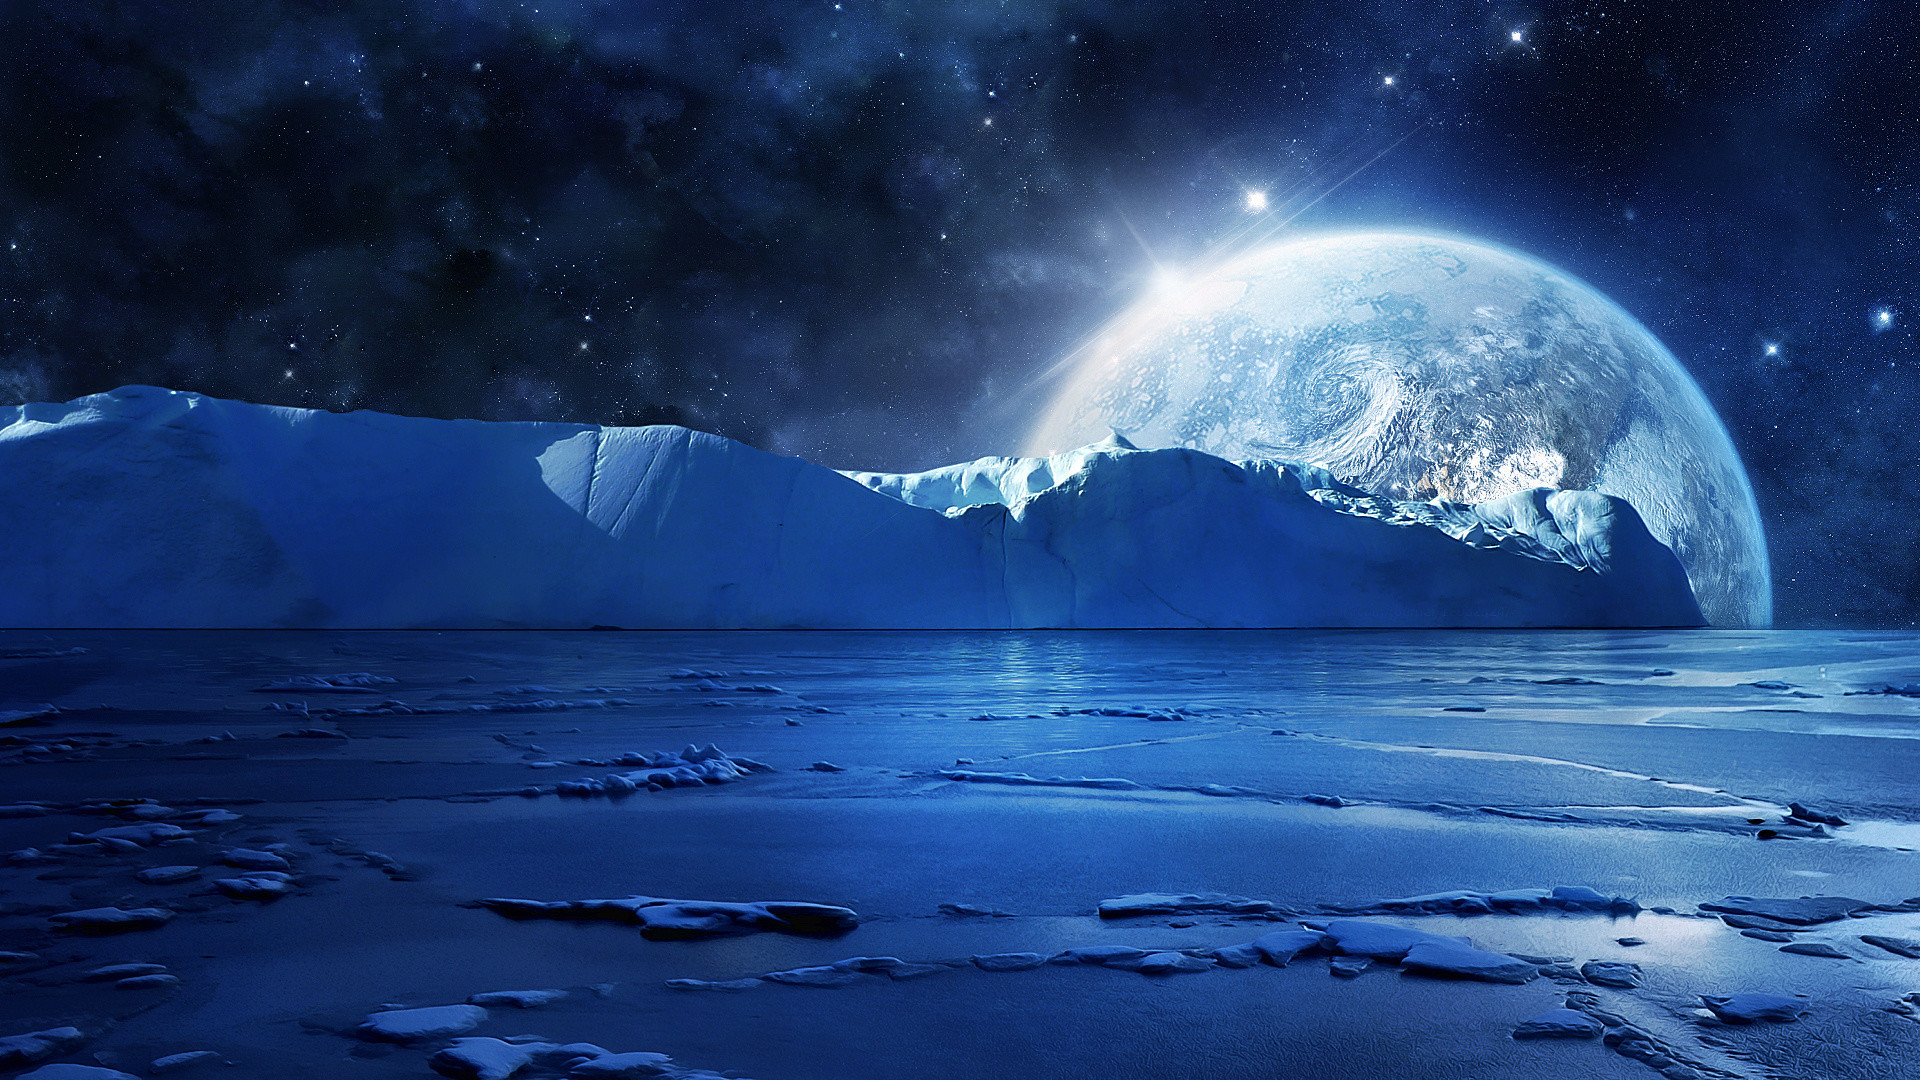 Alien landscape, do u like it ?